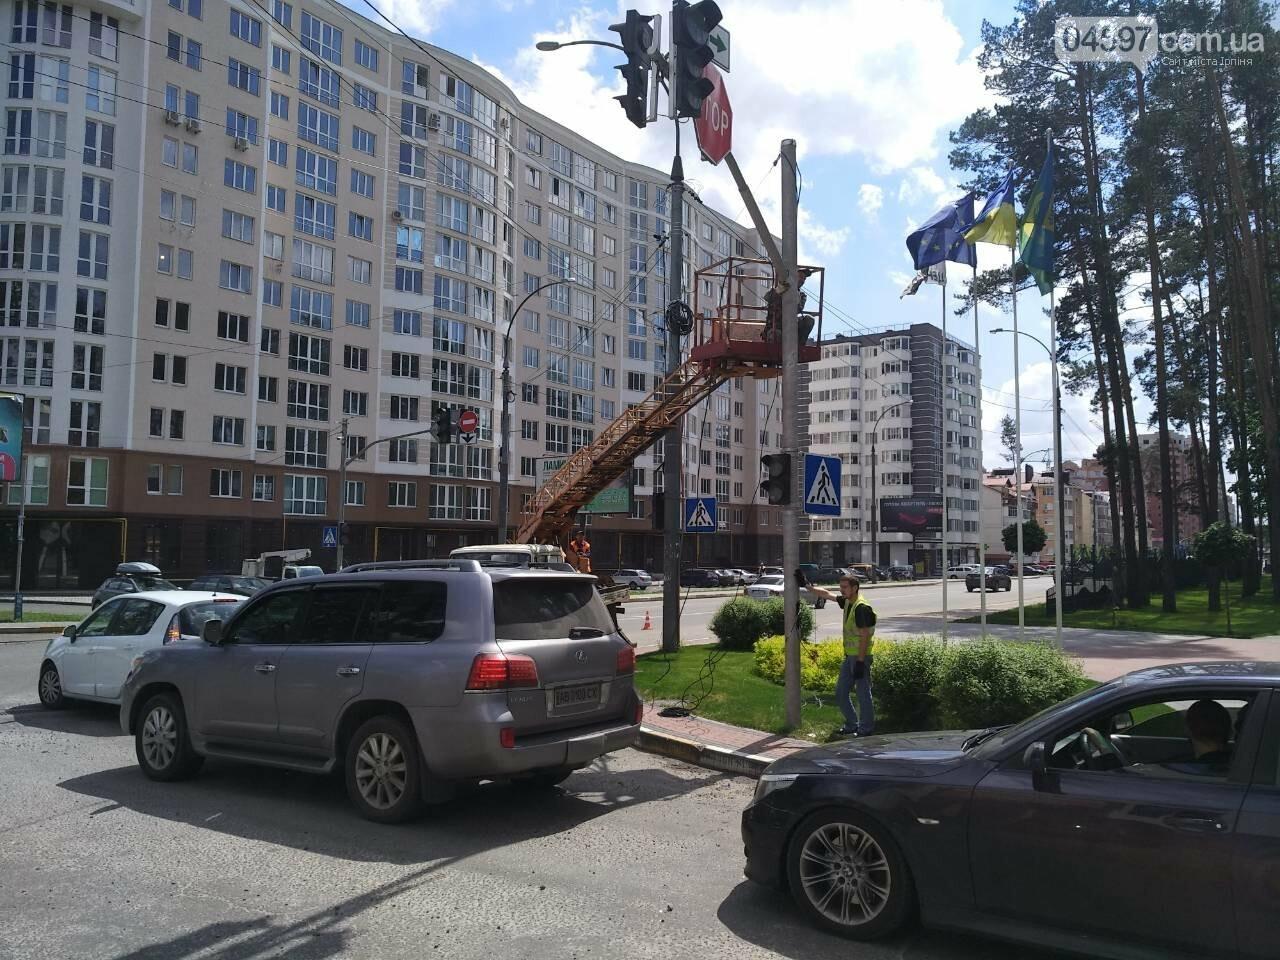 На перехресті Університетської та Пушкінської ремонтуть світлофор, фото-2